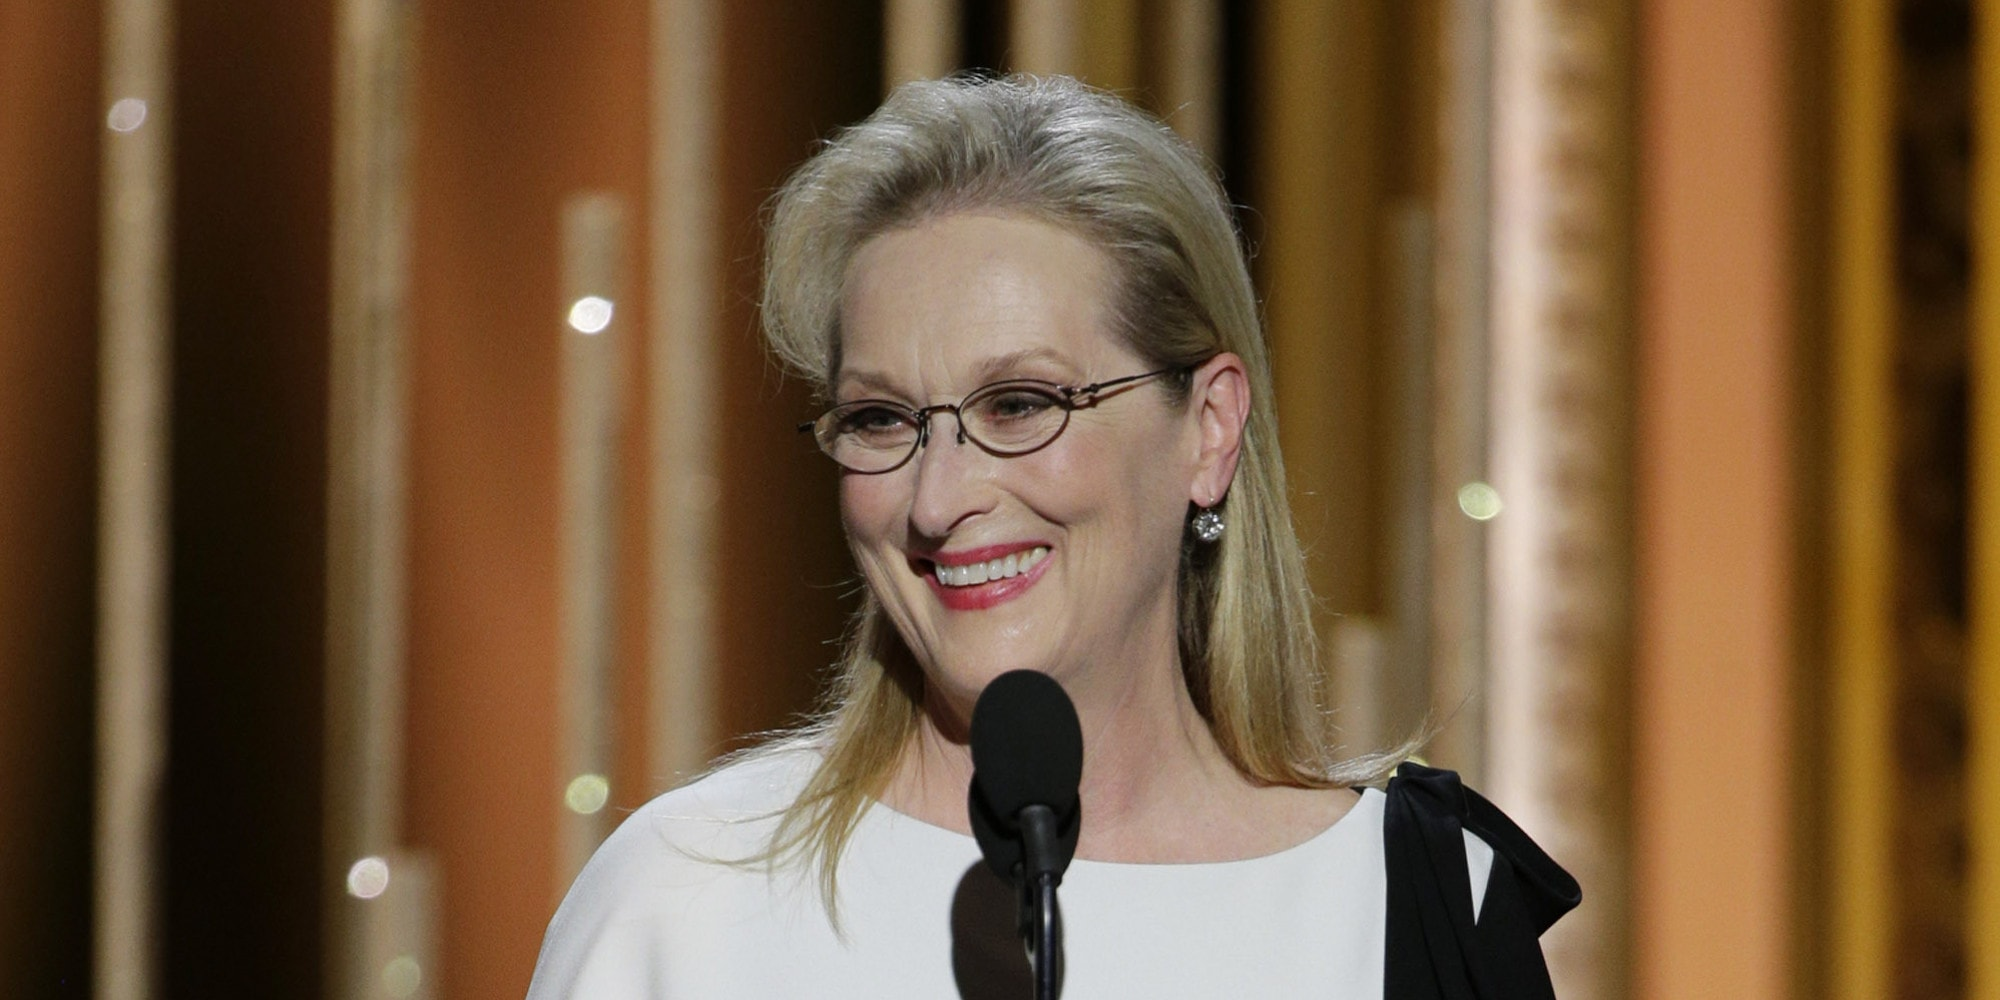 Meryl Streep Free